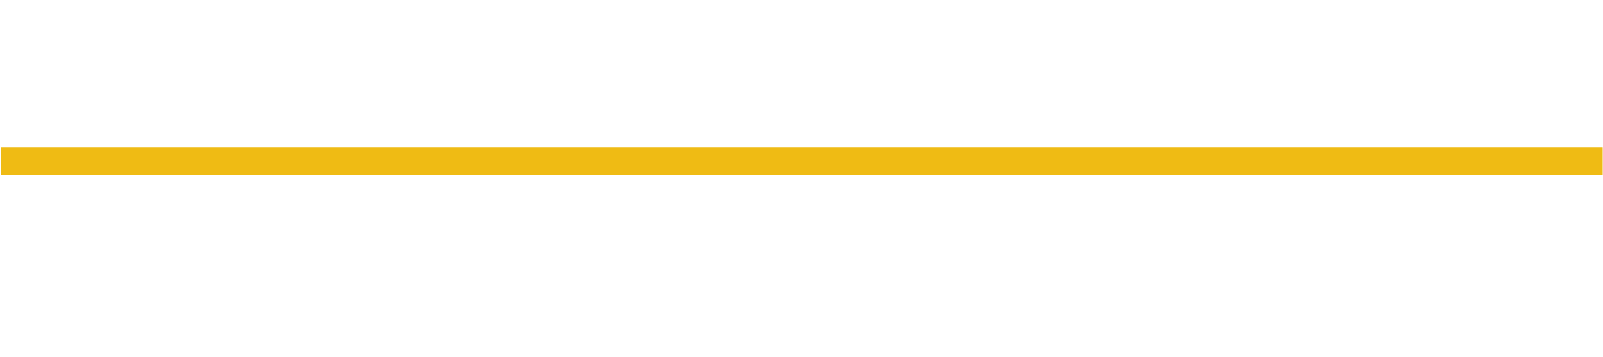 Topcon Building